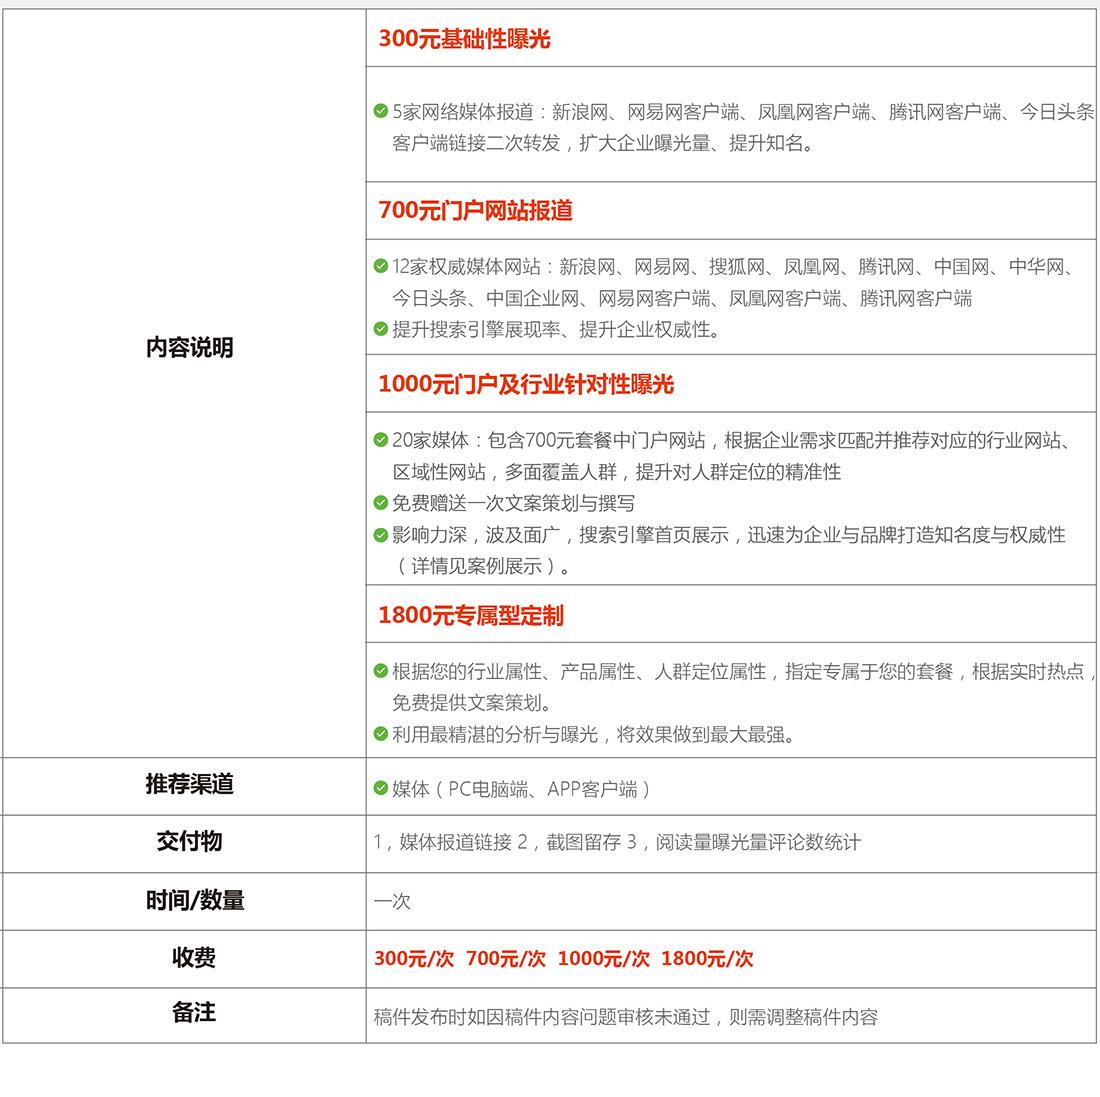 新闻营销推广页面-01_02